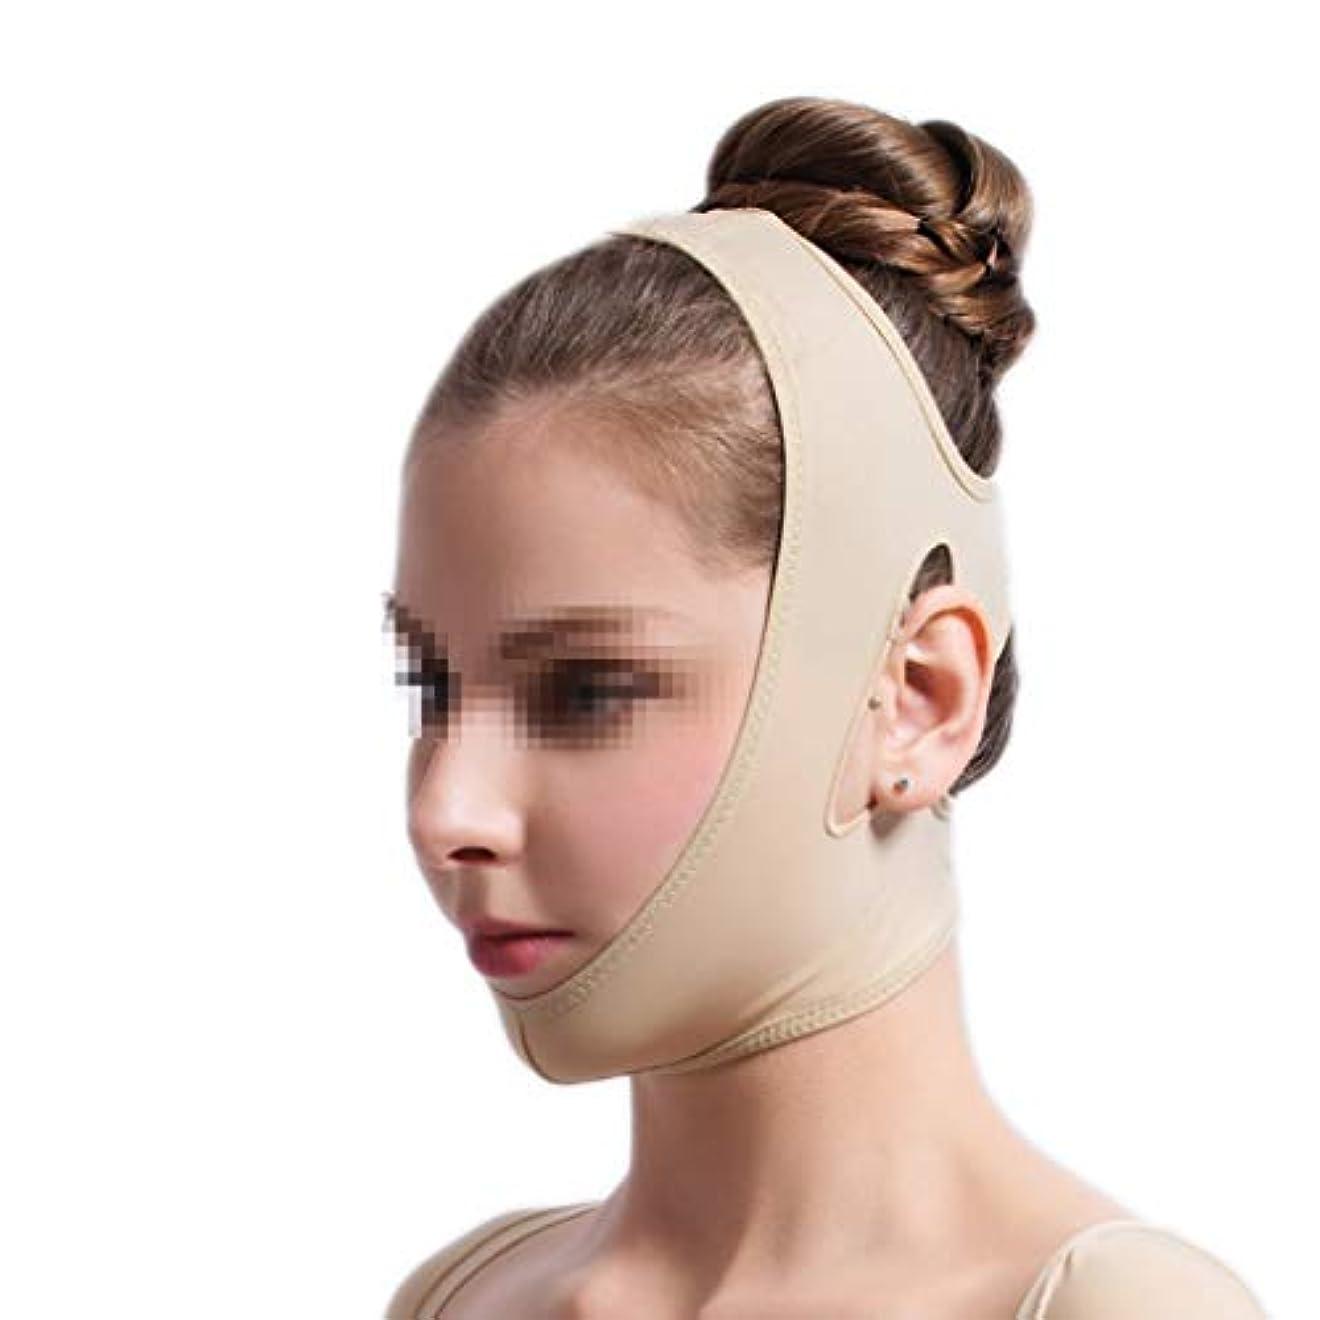 締めるイディオムよく話されるフェイスリフトマスク、下顎袖医療グレード脂肪吸引術整形弾性ヘッドギアダブルあご顔ライン彫刻圧力包帯 (Size : XXL)